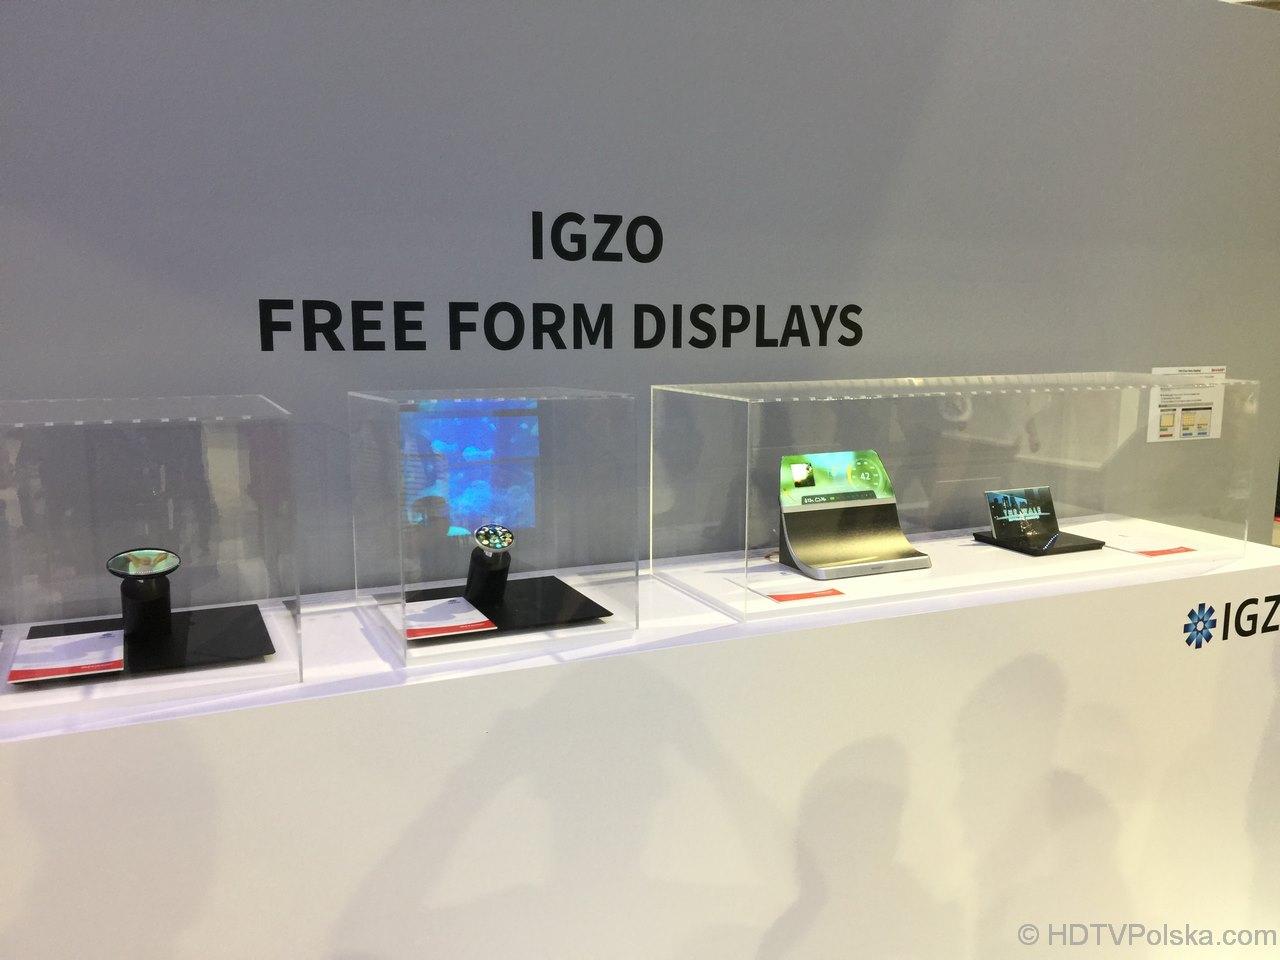 IGZO Sharp IFA 2017